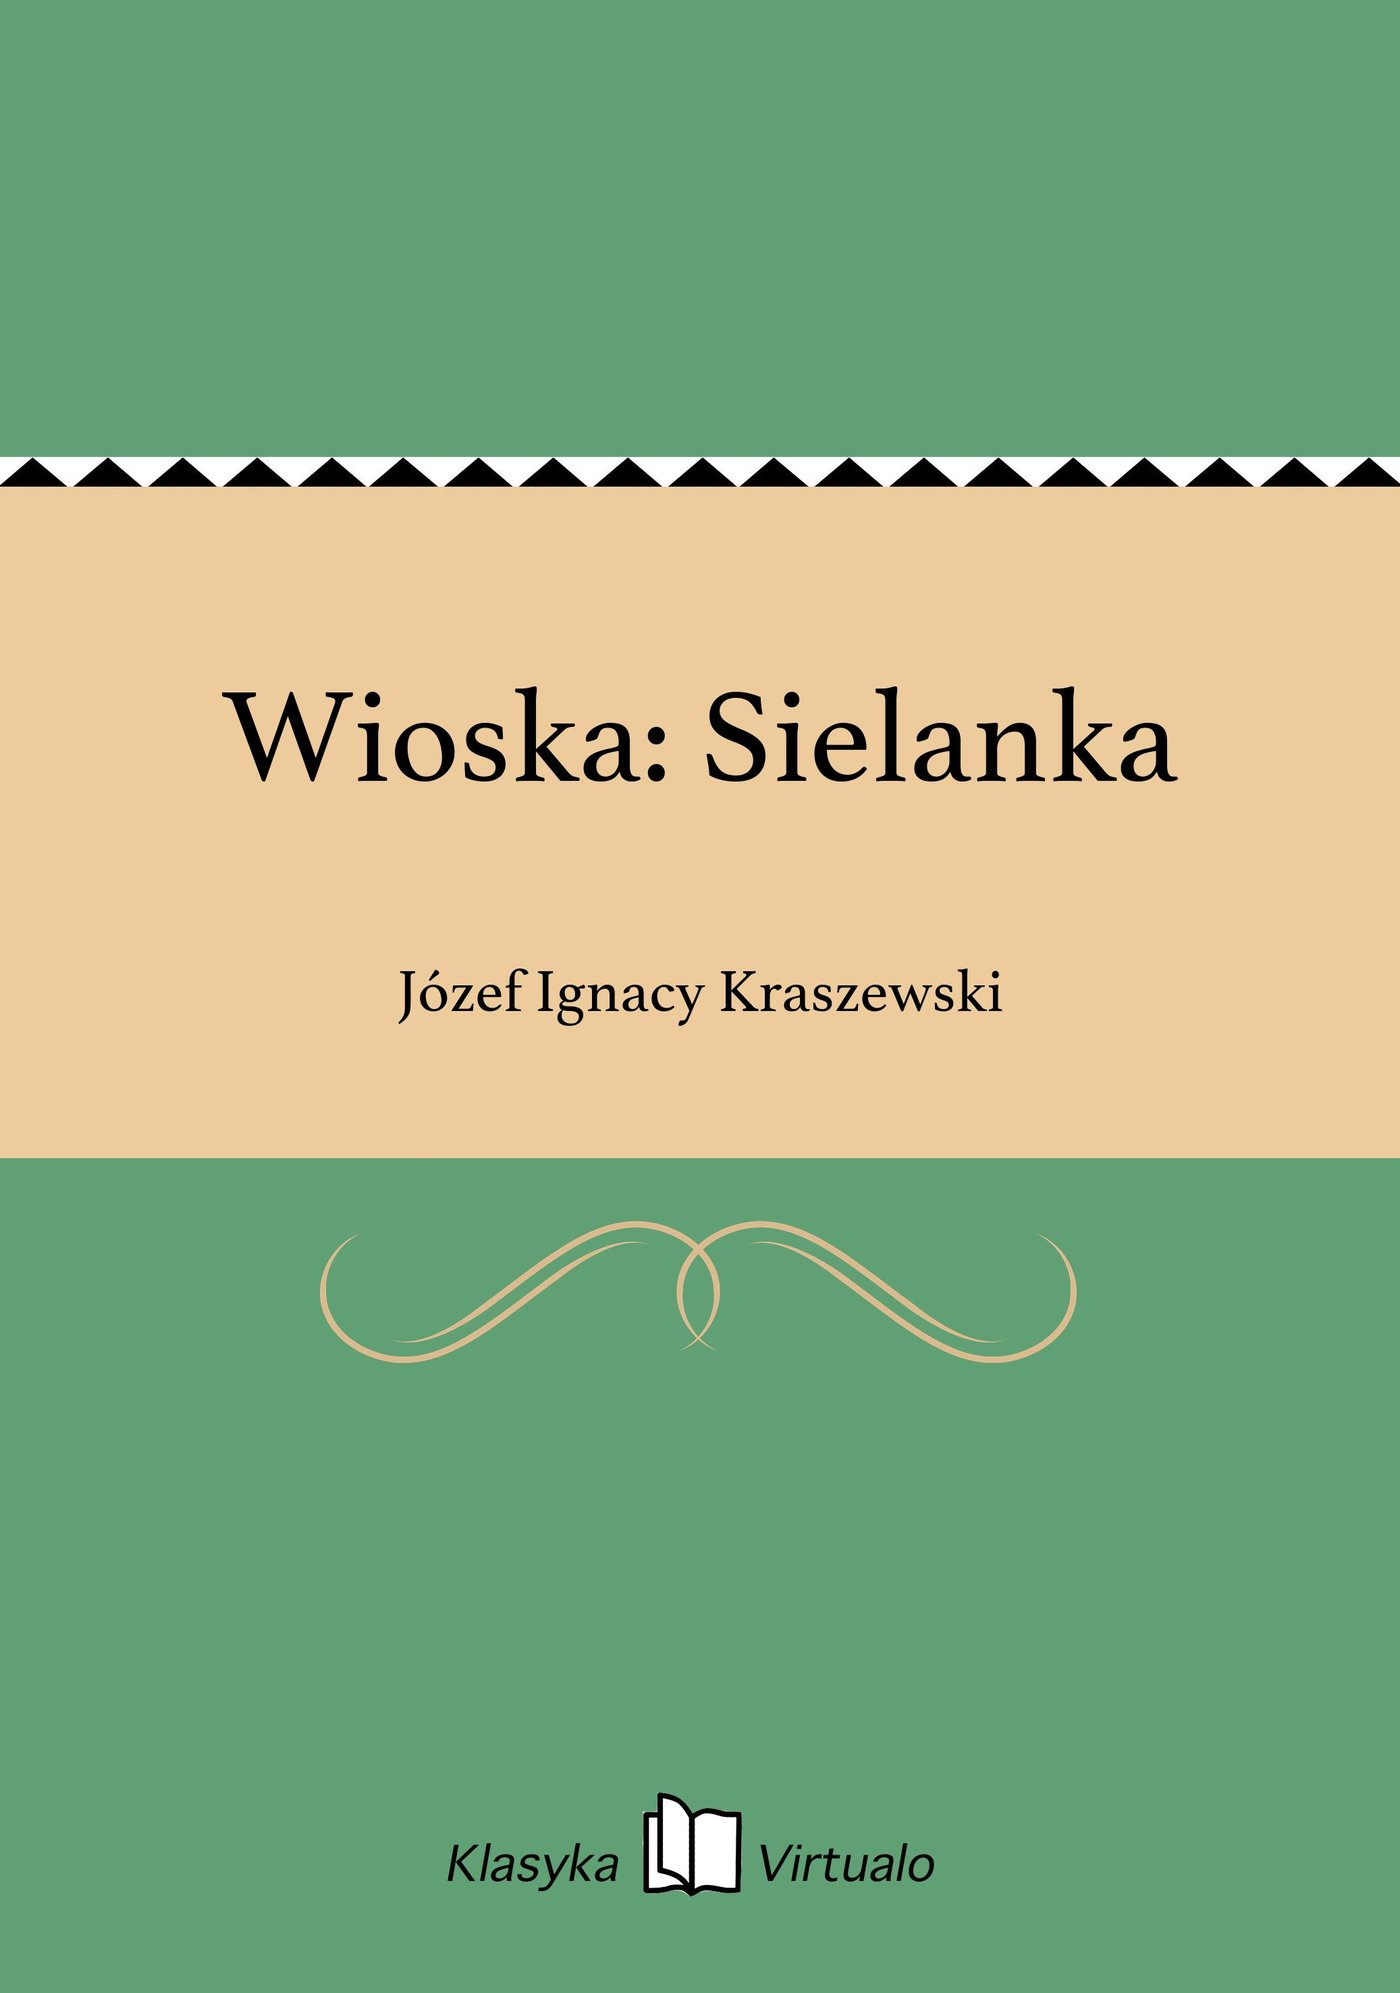 Wioska: Sielanka - Ebook (Książka EPUB) do pobrania w formacie EPUB